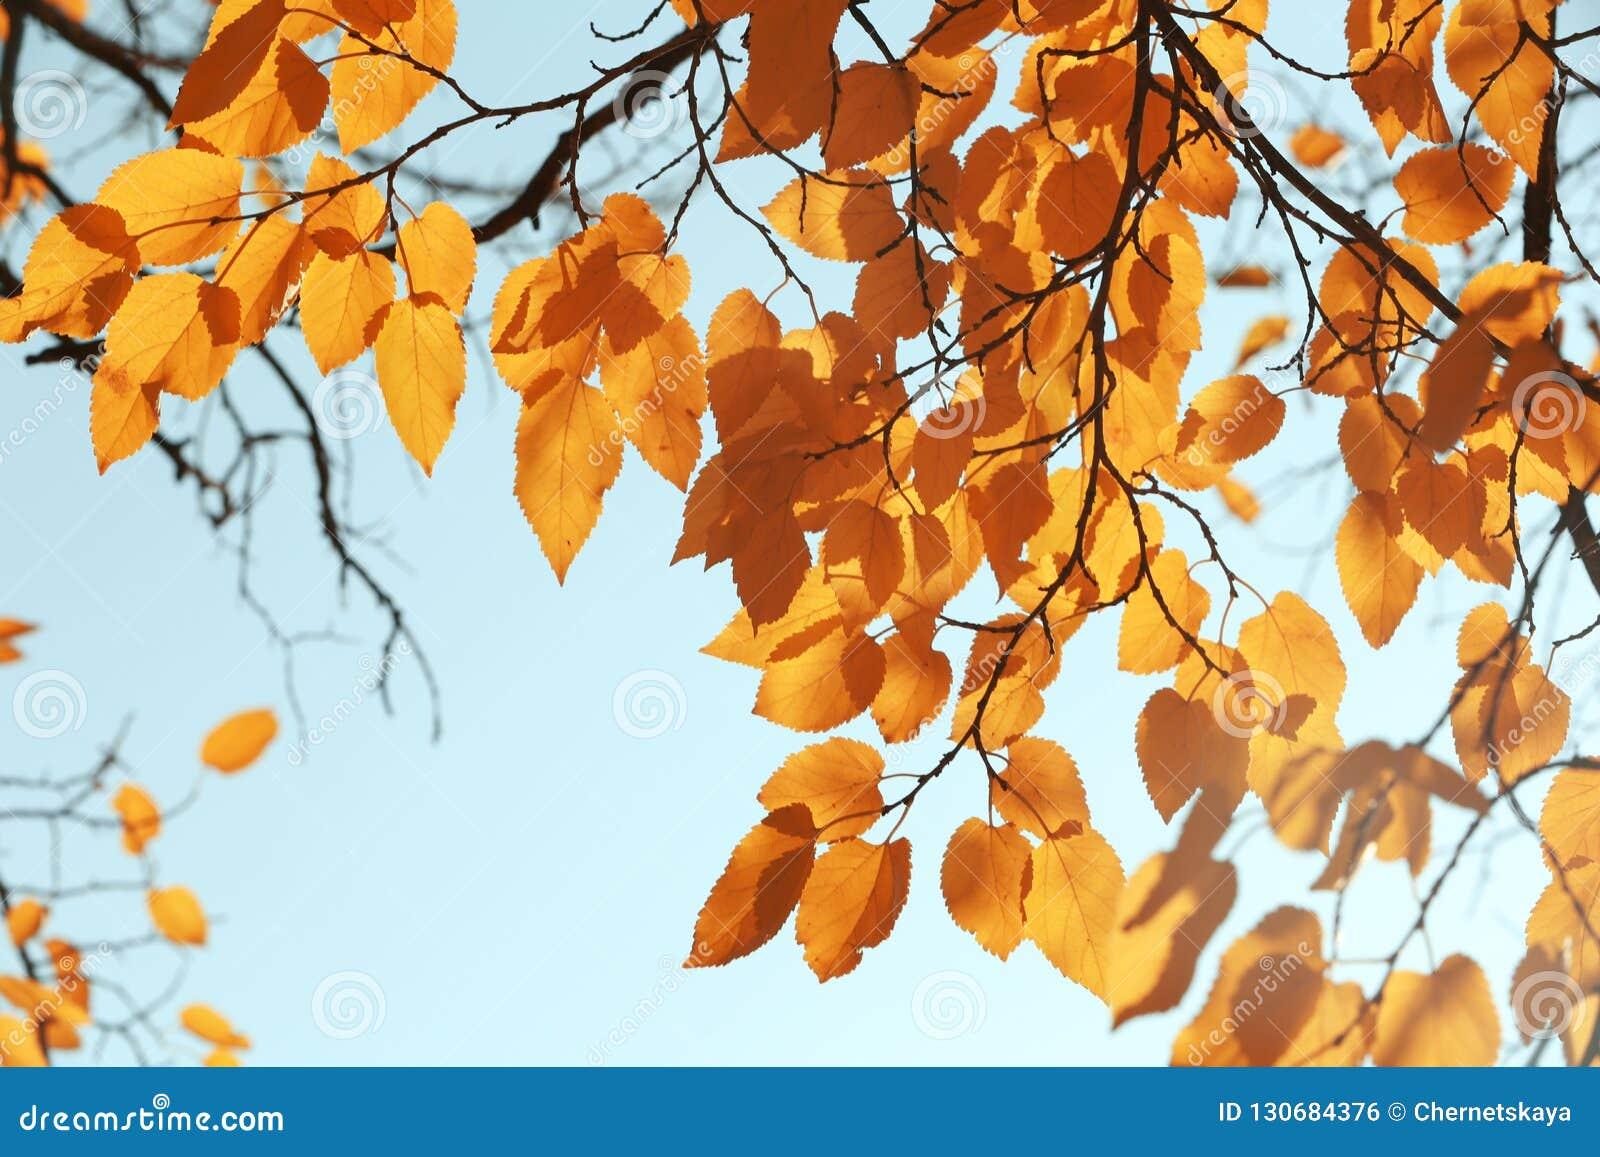 有被日光照射了金黄叶子的枝杈在秋天天